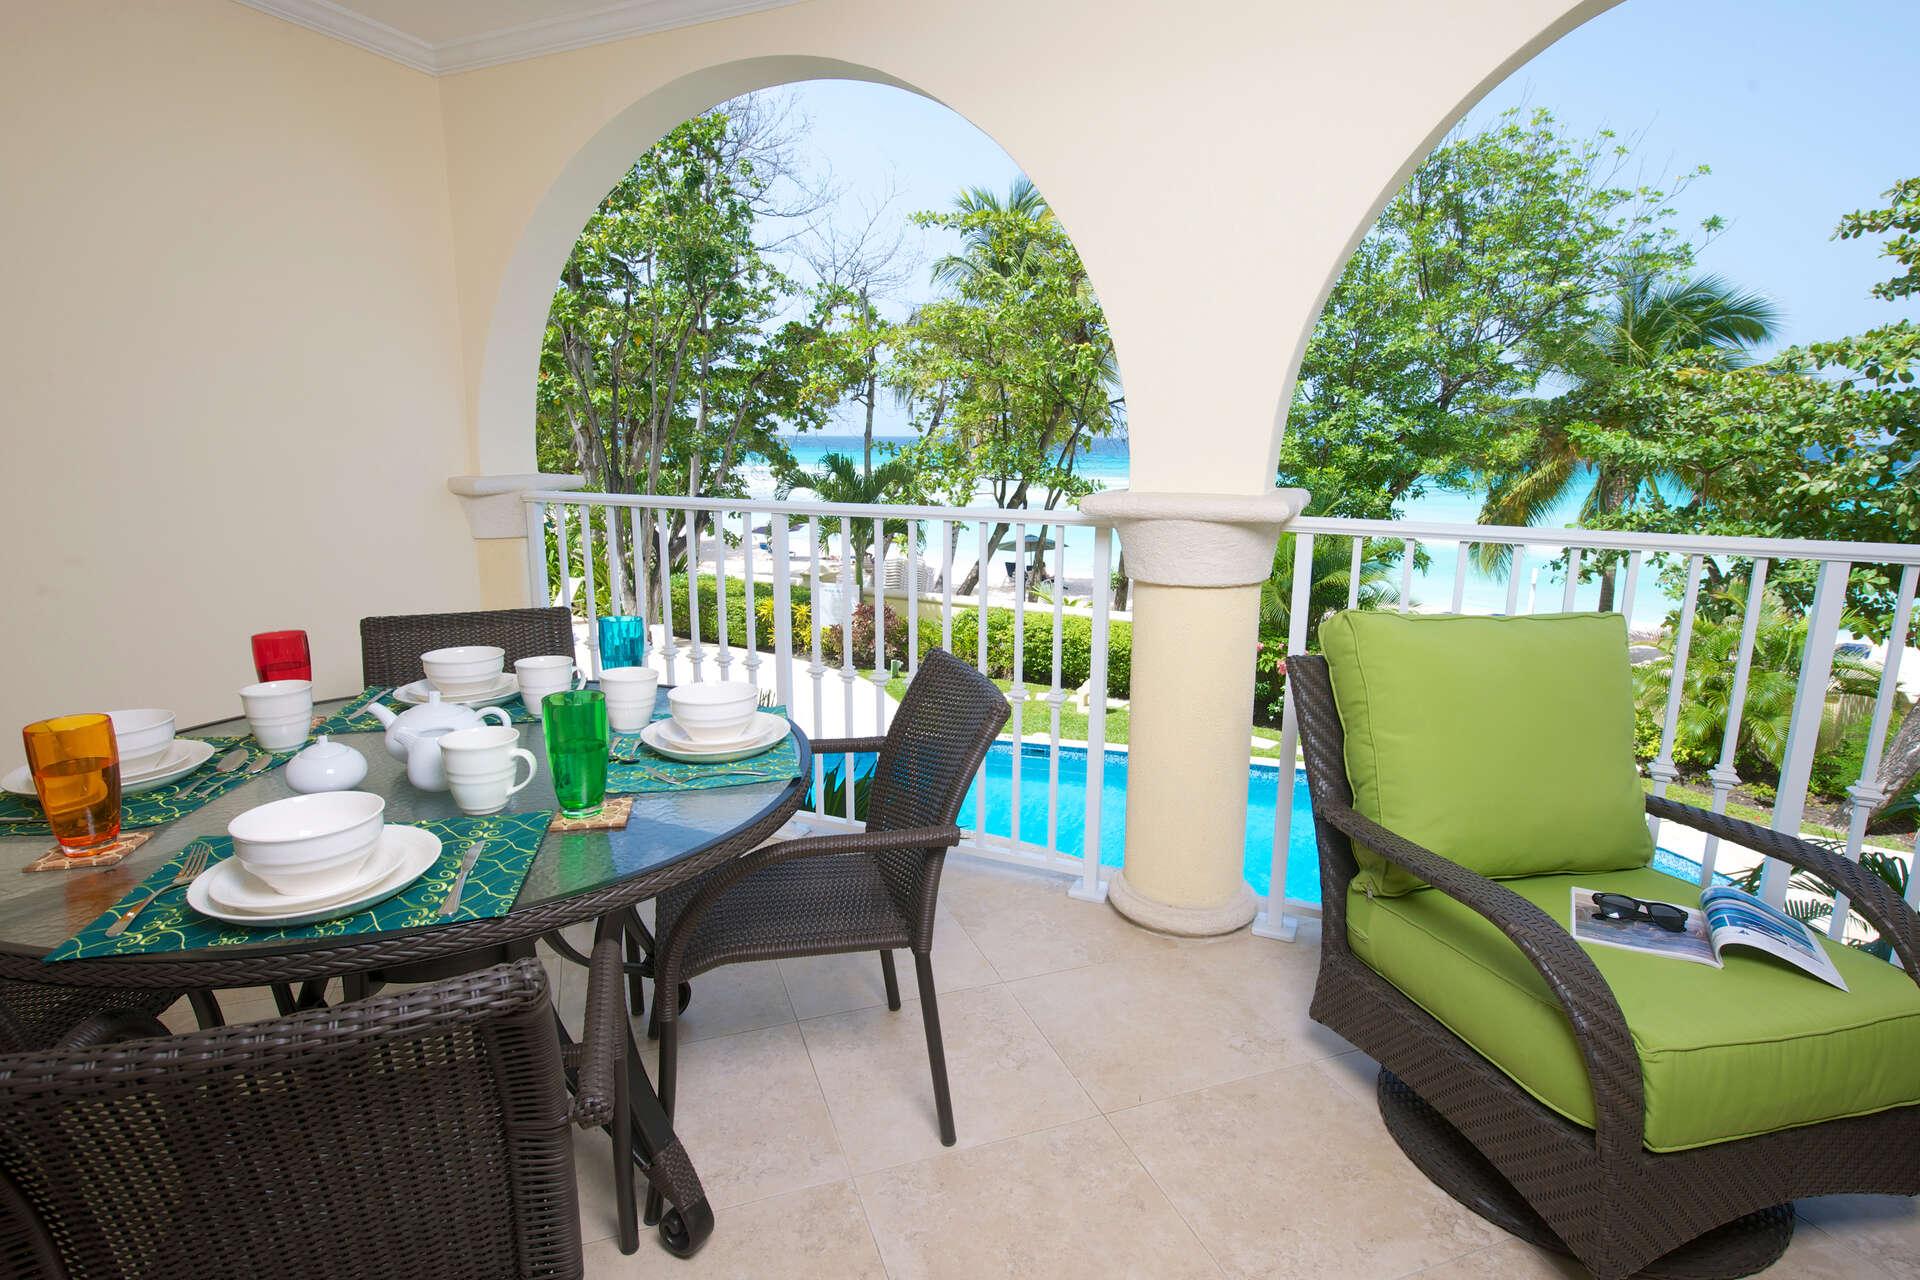 Luxury villa rentals caribbean - Barbados - Christ church - Sapphire beach condos - Sapphire Beach 103 - Image 1/11